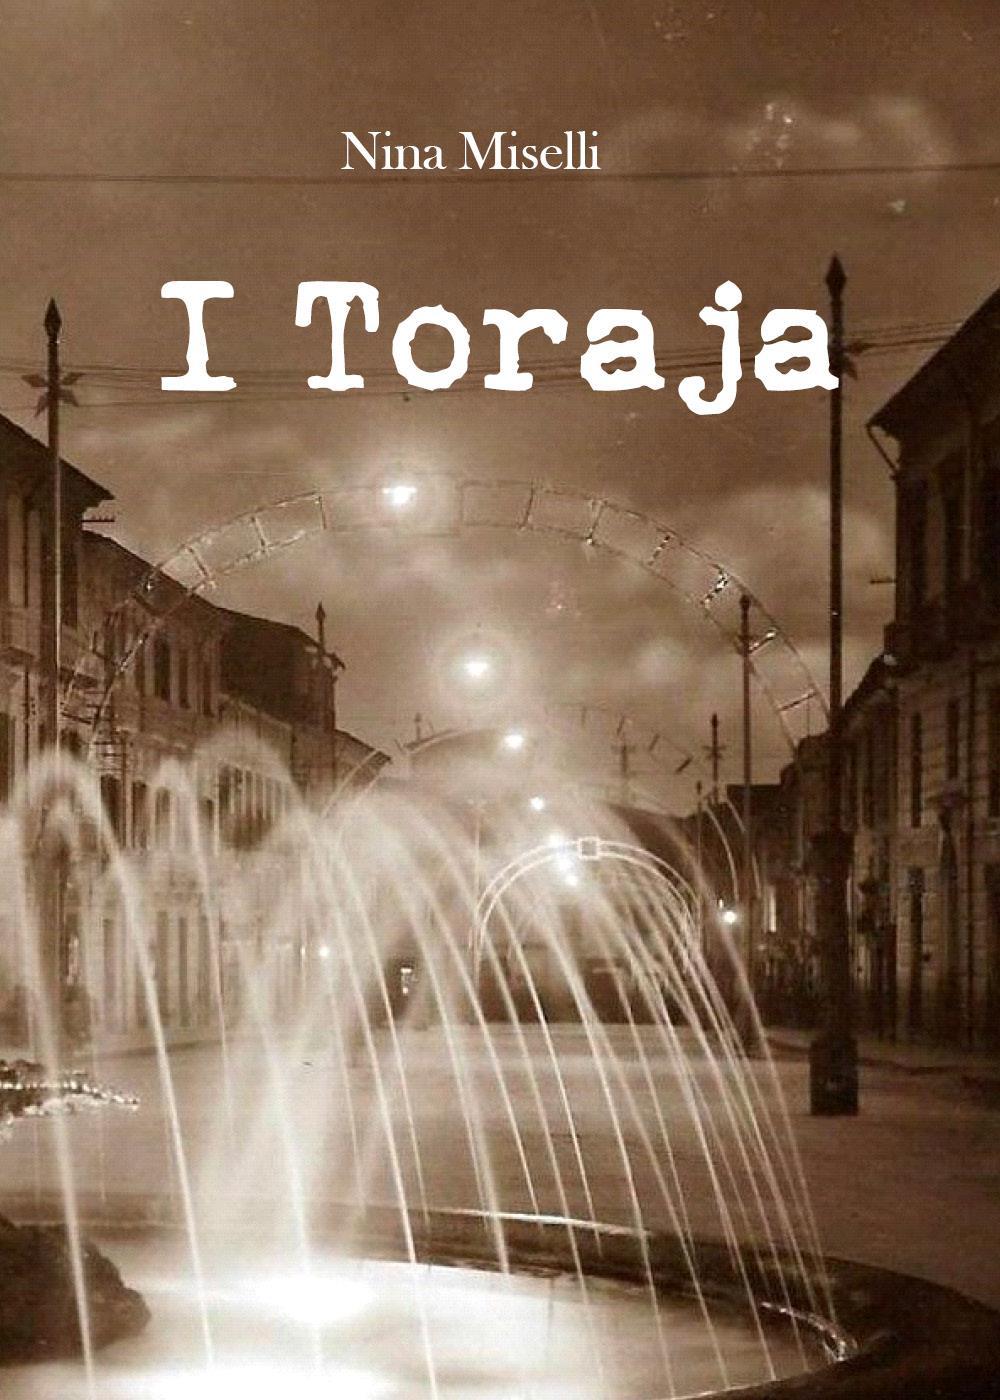 I Toraja